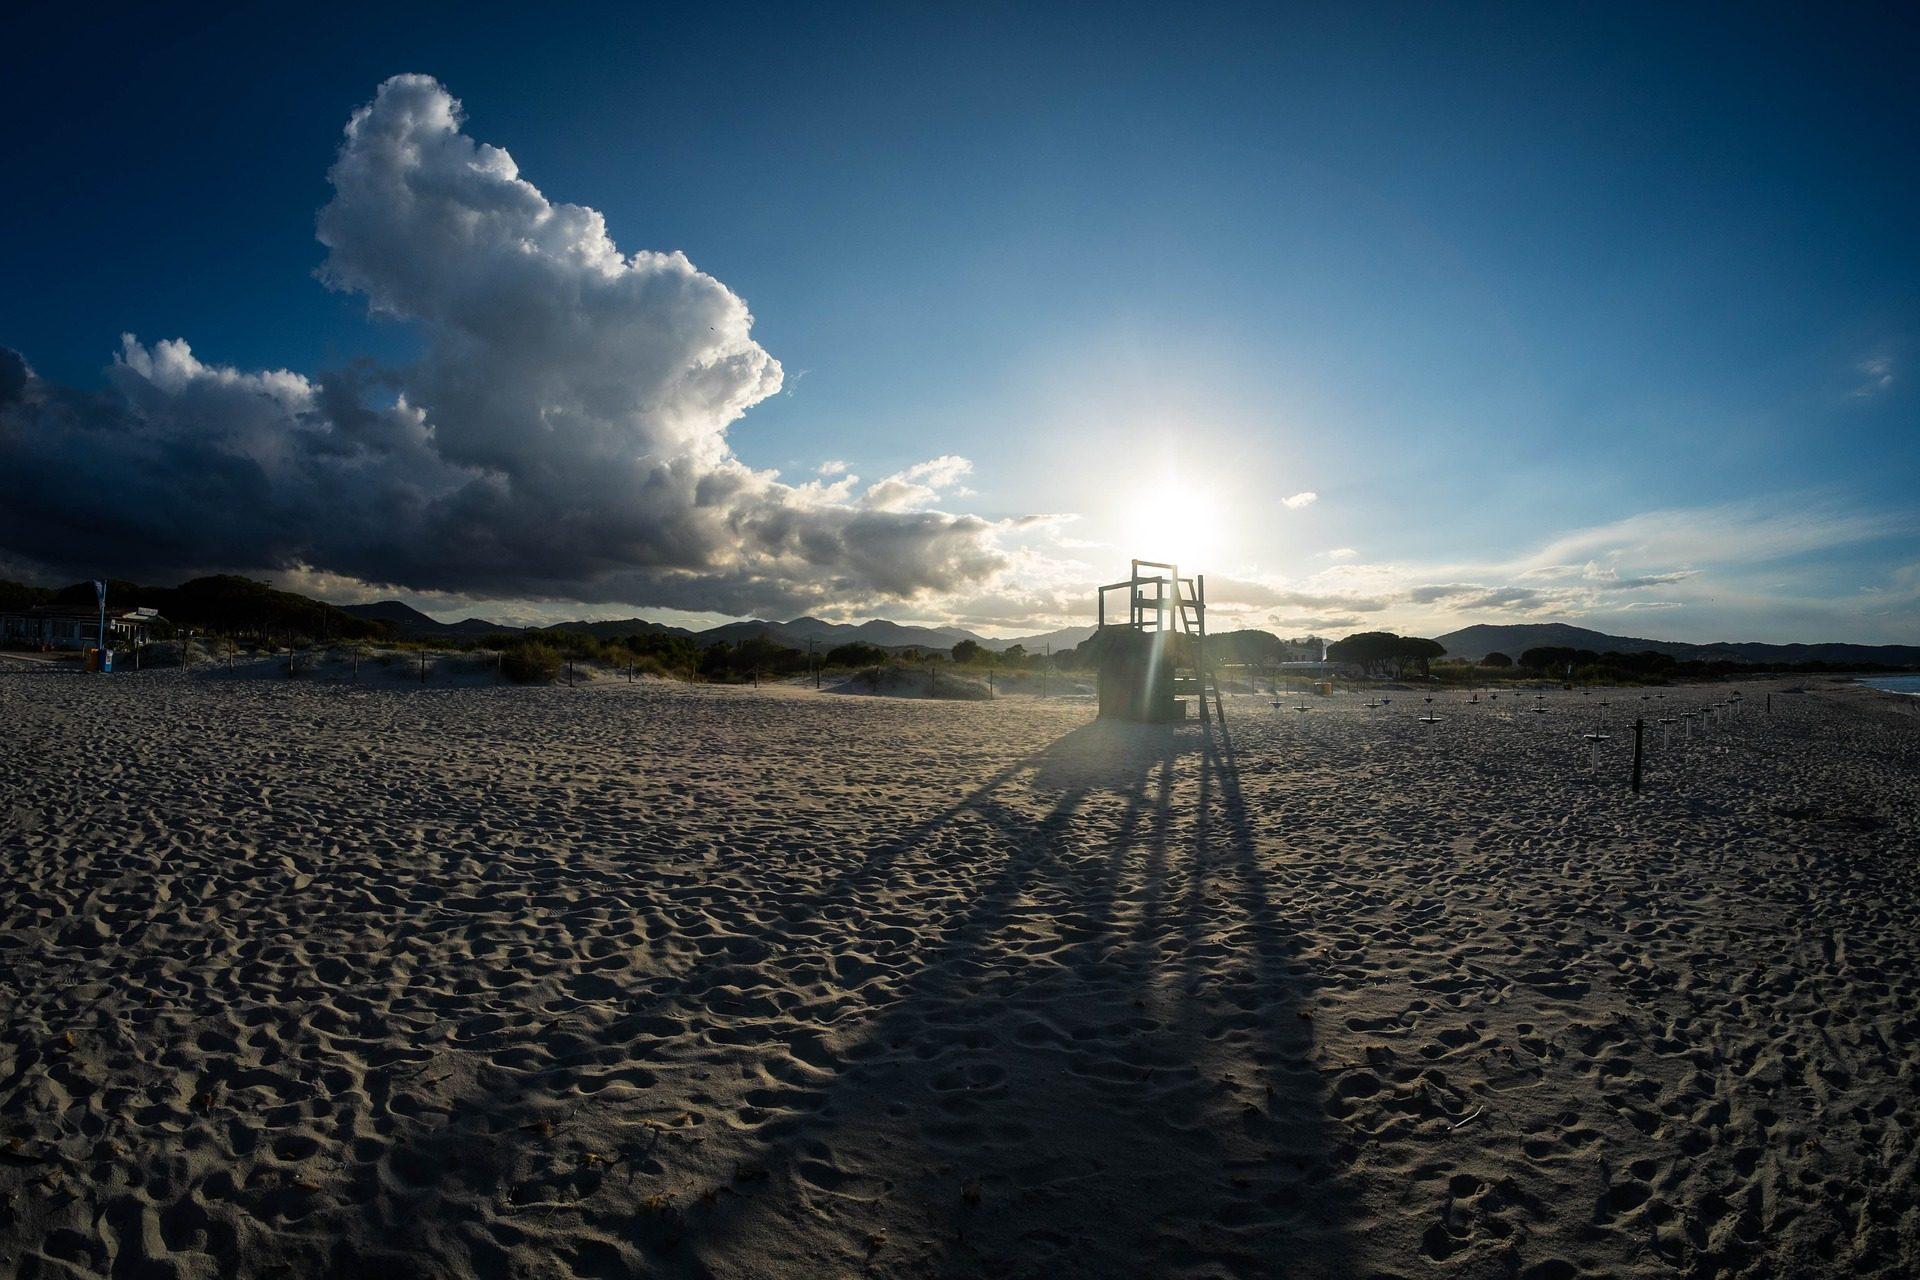 الشاطئ, الرمال, مصرف, كرسي, السماء, السحب. - خلفيات عالية الدقة - أستاذ falken.com